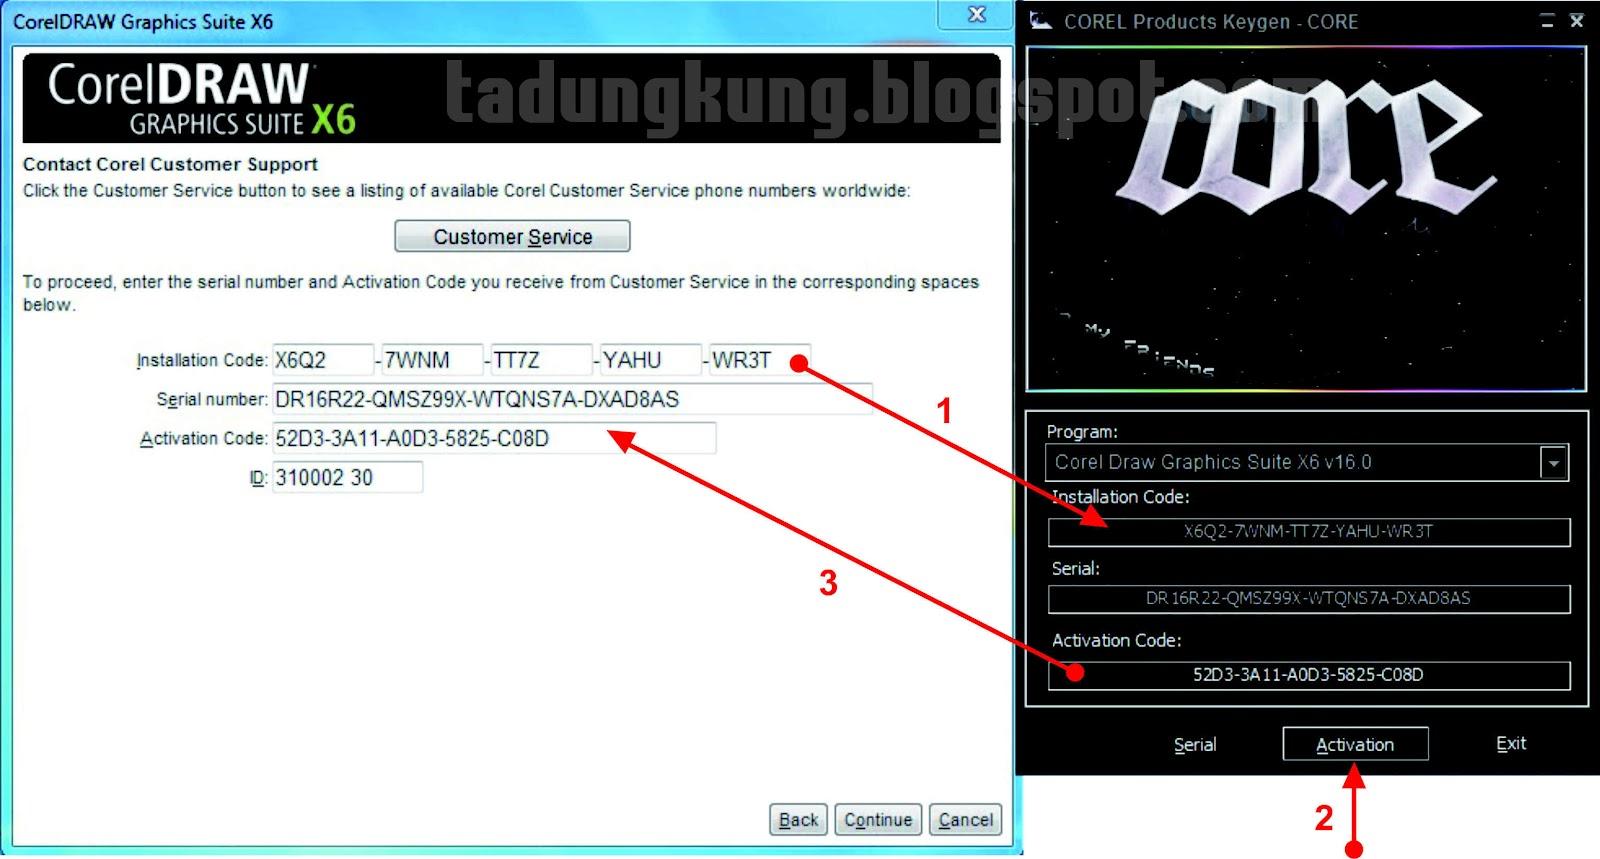 coreldraw graphics suite x6 keygen download